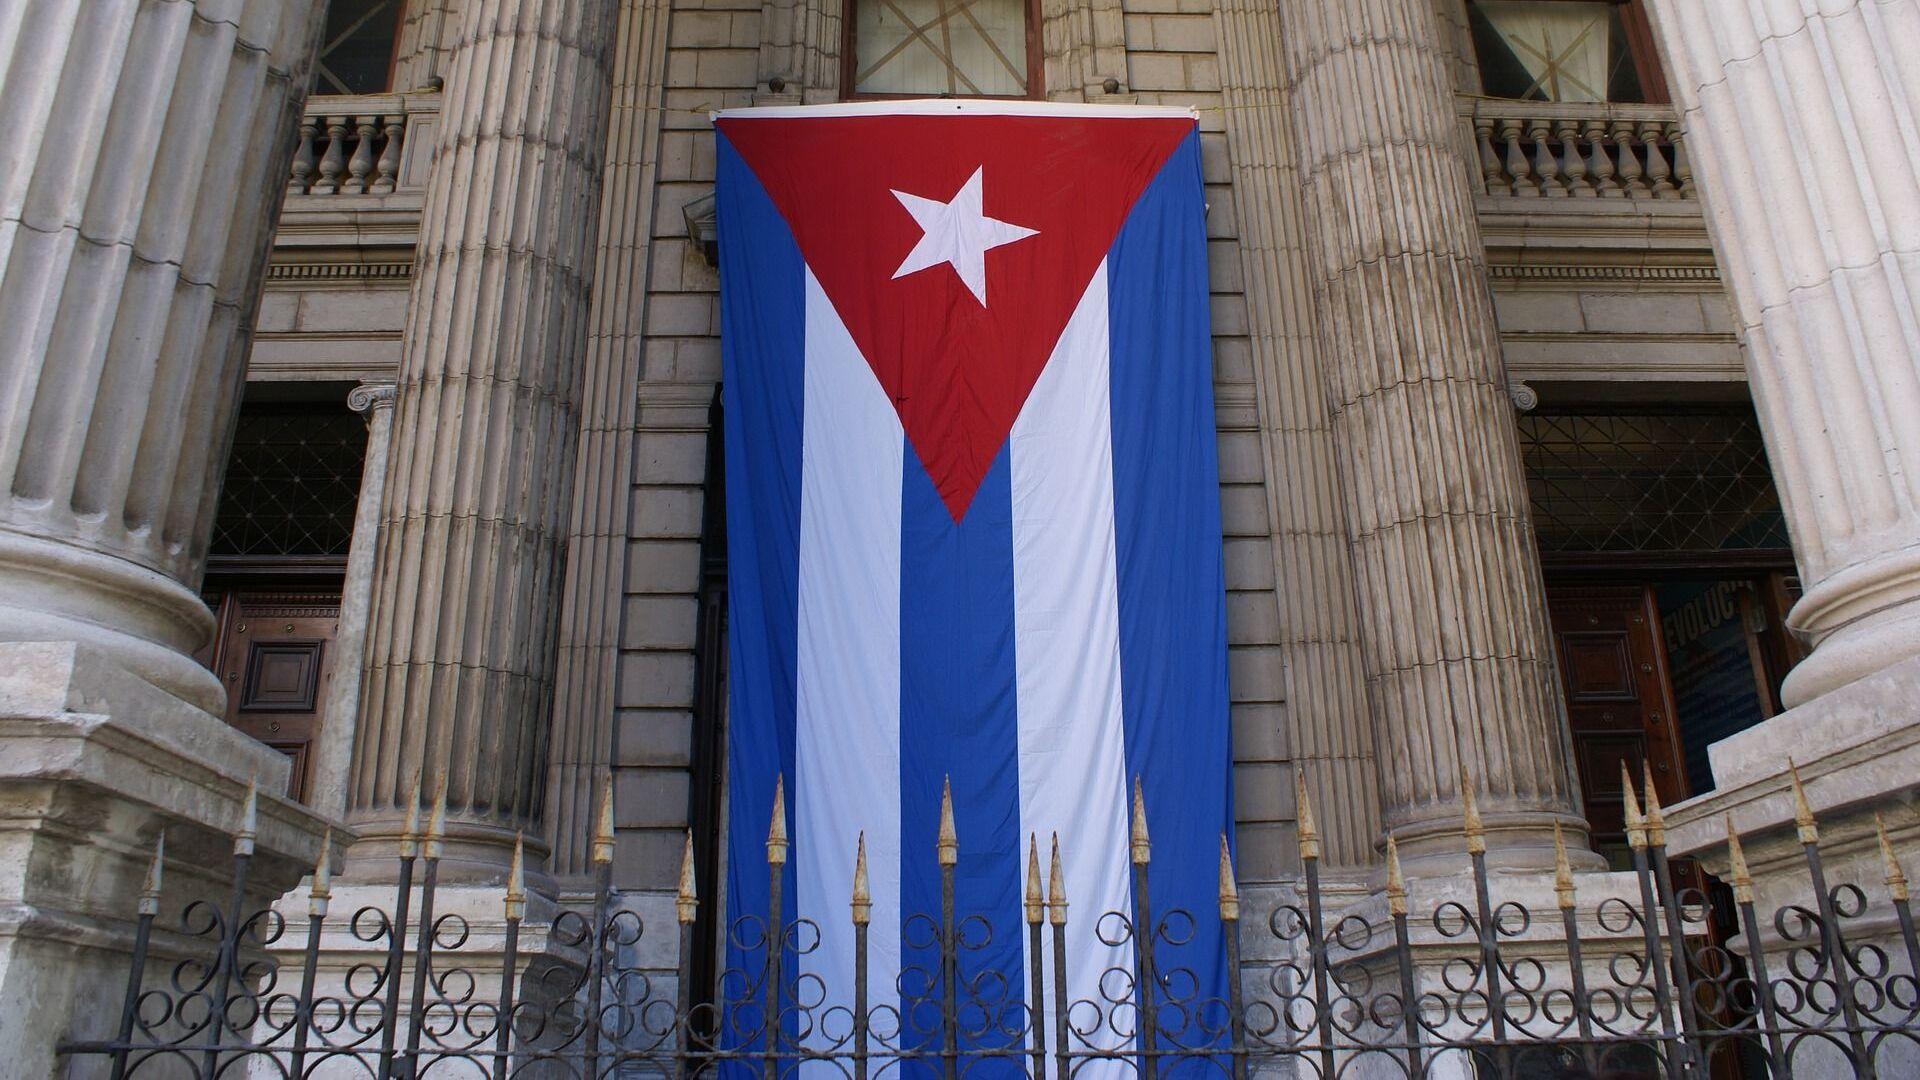 Bandera de Cuba en edificio del Ministerio de Finanzas y Precios - Sputnik Mundo, 1920, 01.09.2021